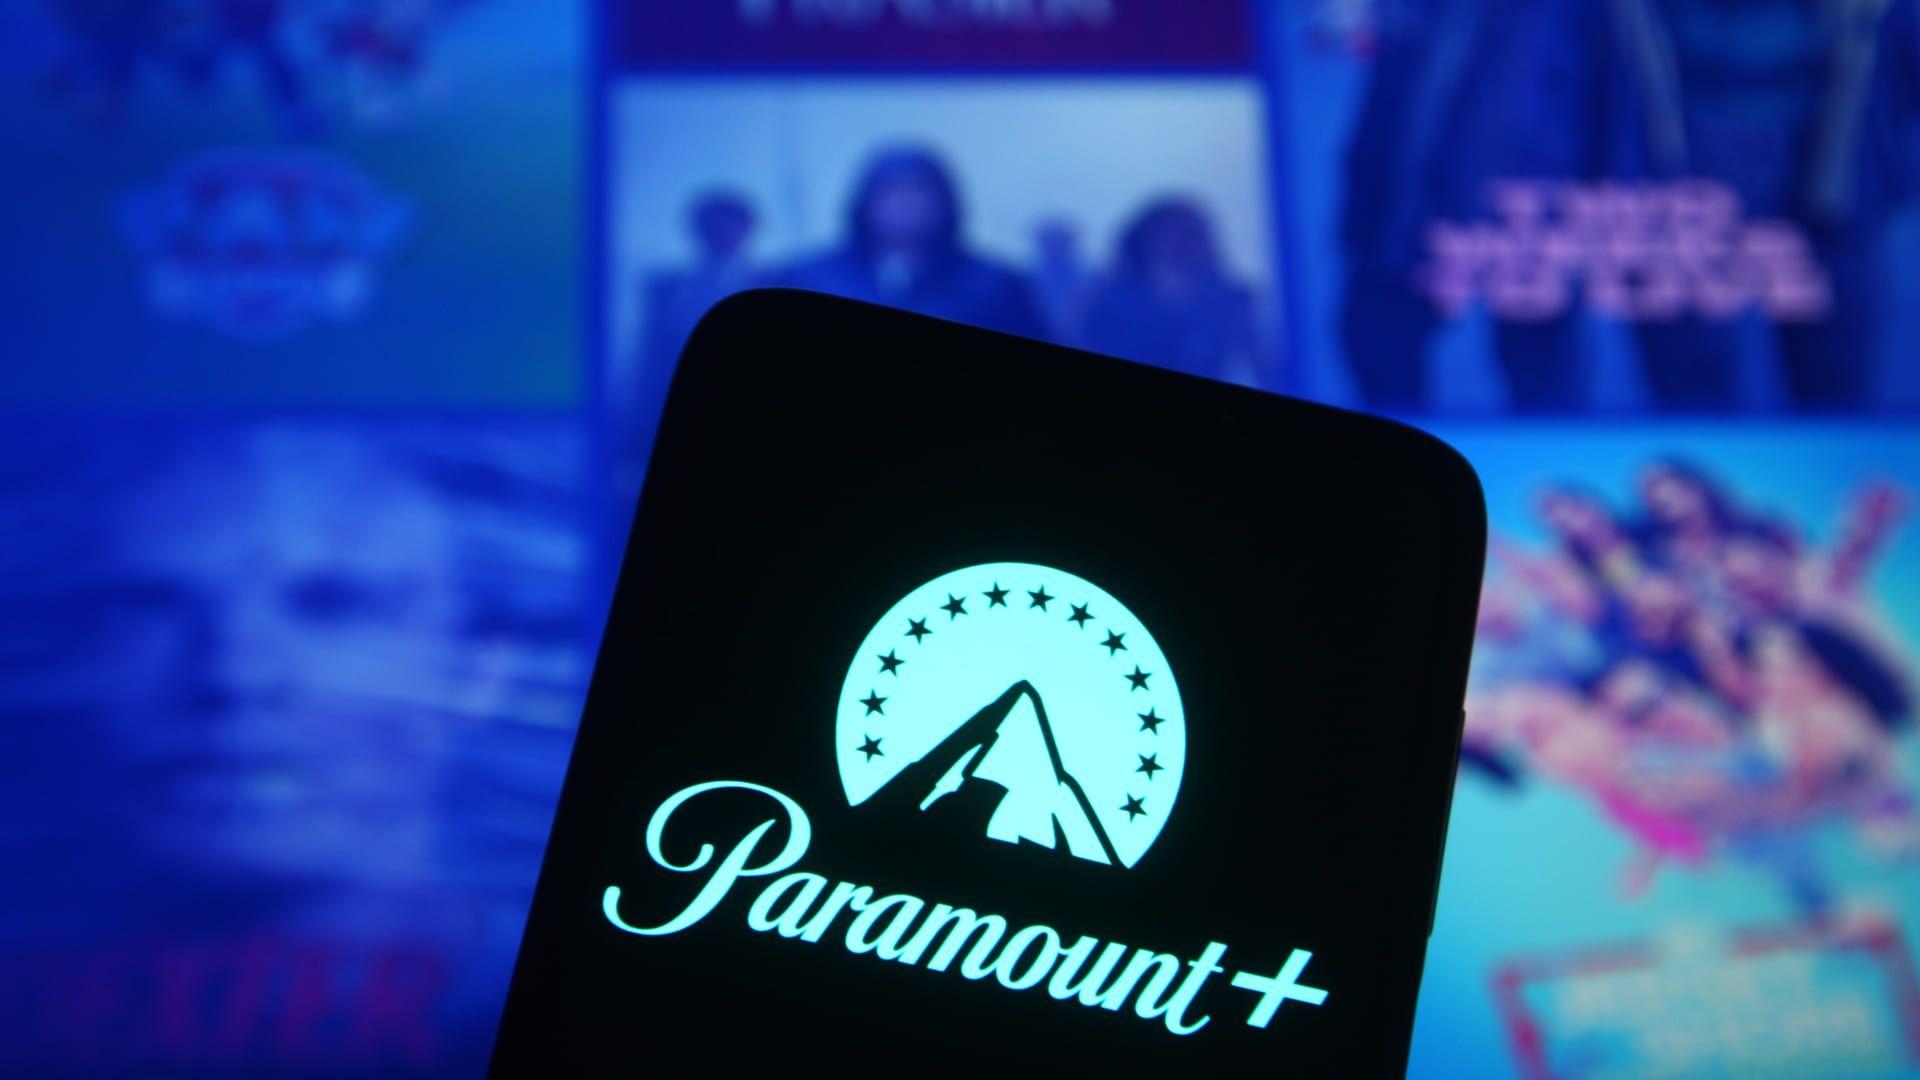 Logomarca do Paramount Plus aberta em um celular, com catálogo do streaming desfocado no fundo.